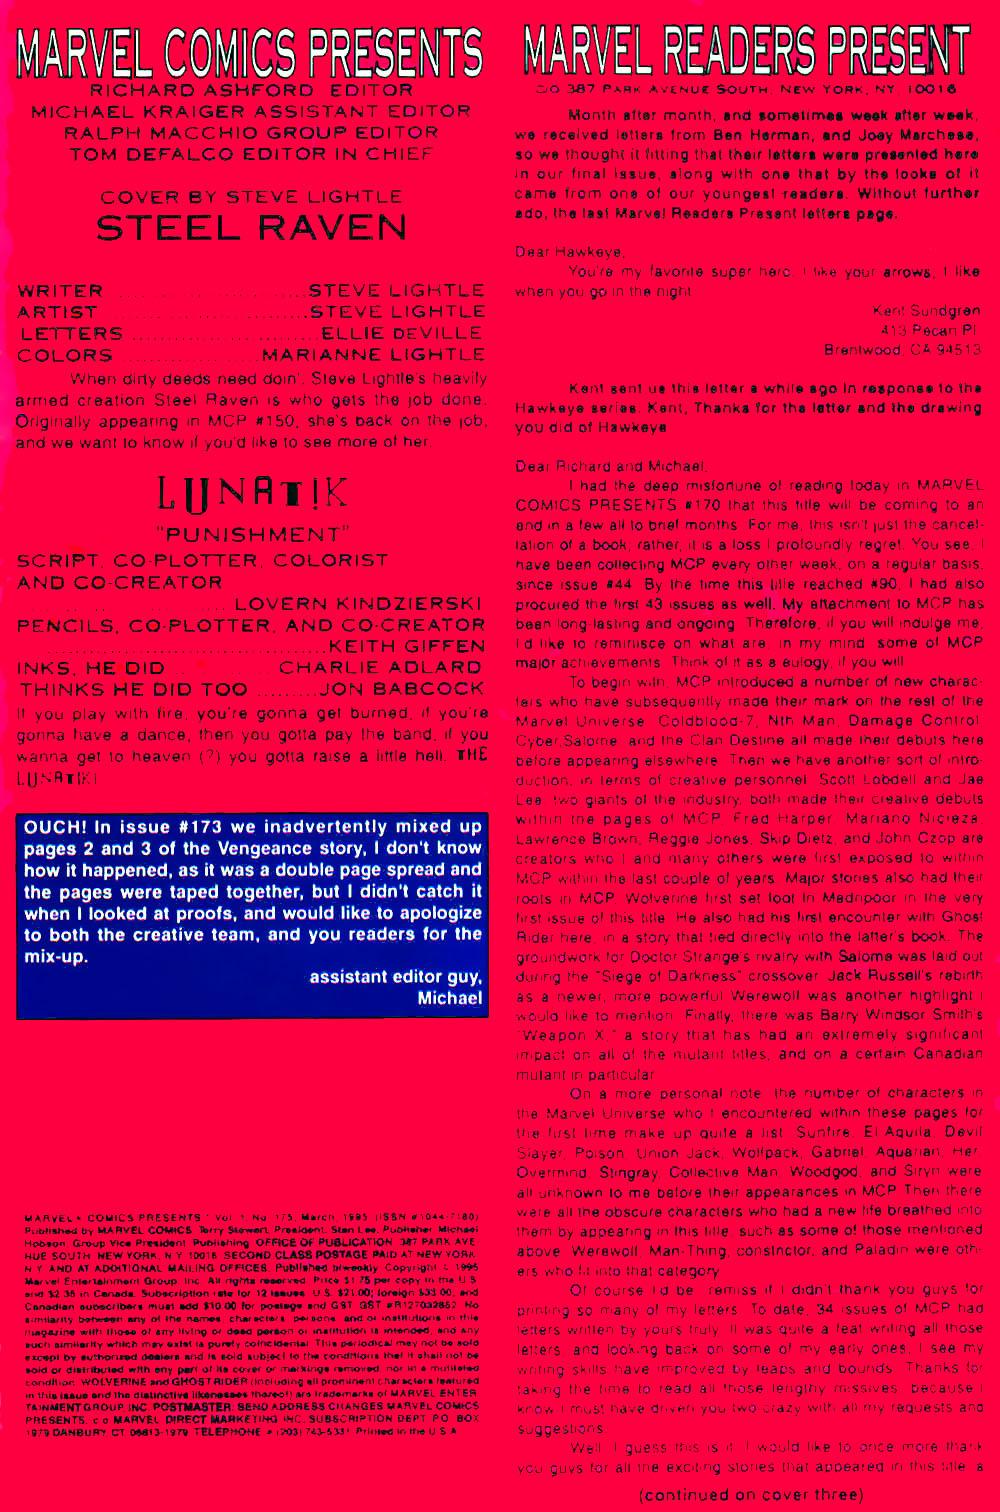 Marvel Comics Presents (1988) chap 175 pic 3